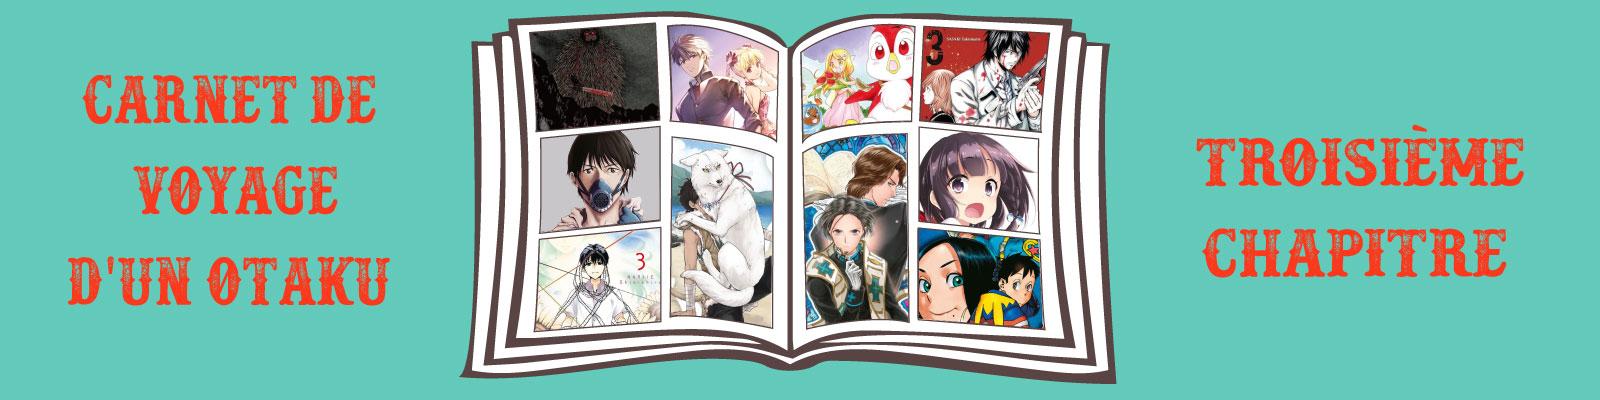 Carnet voyage otaku troisième chapitre